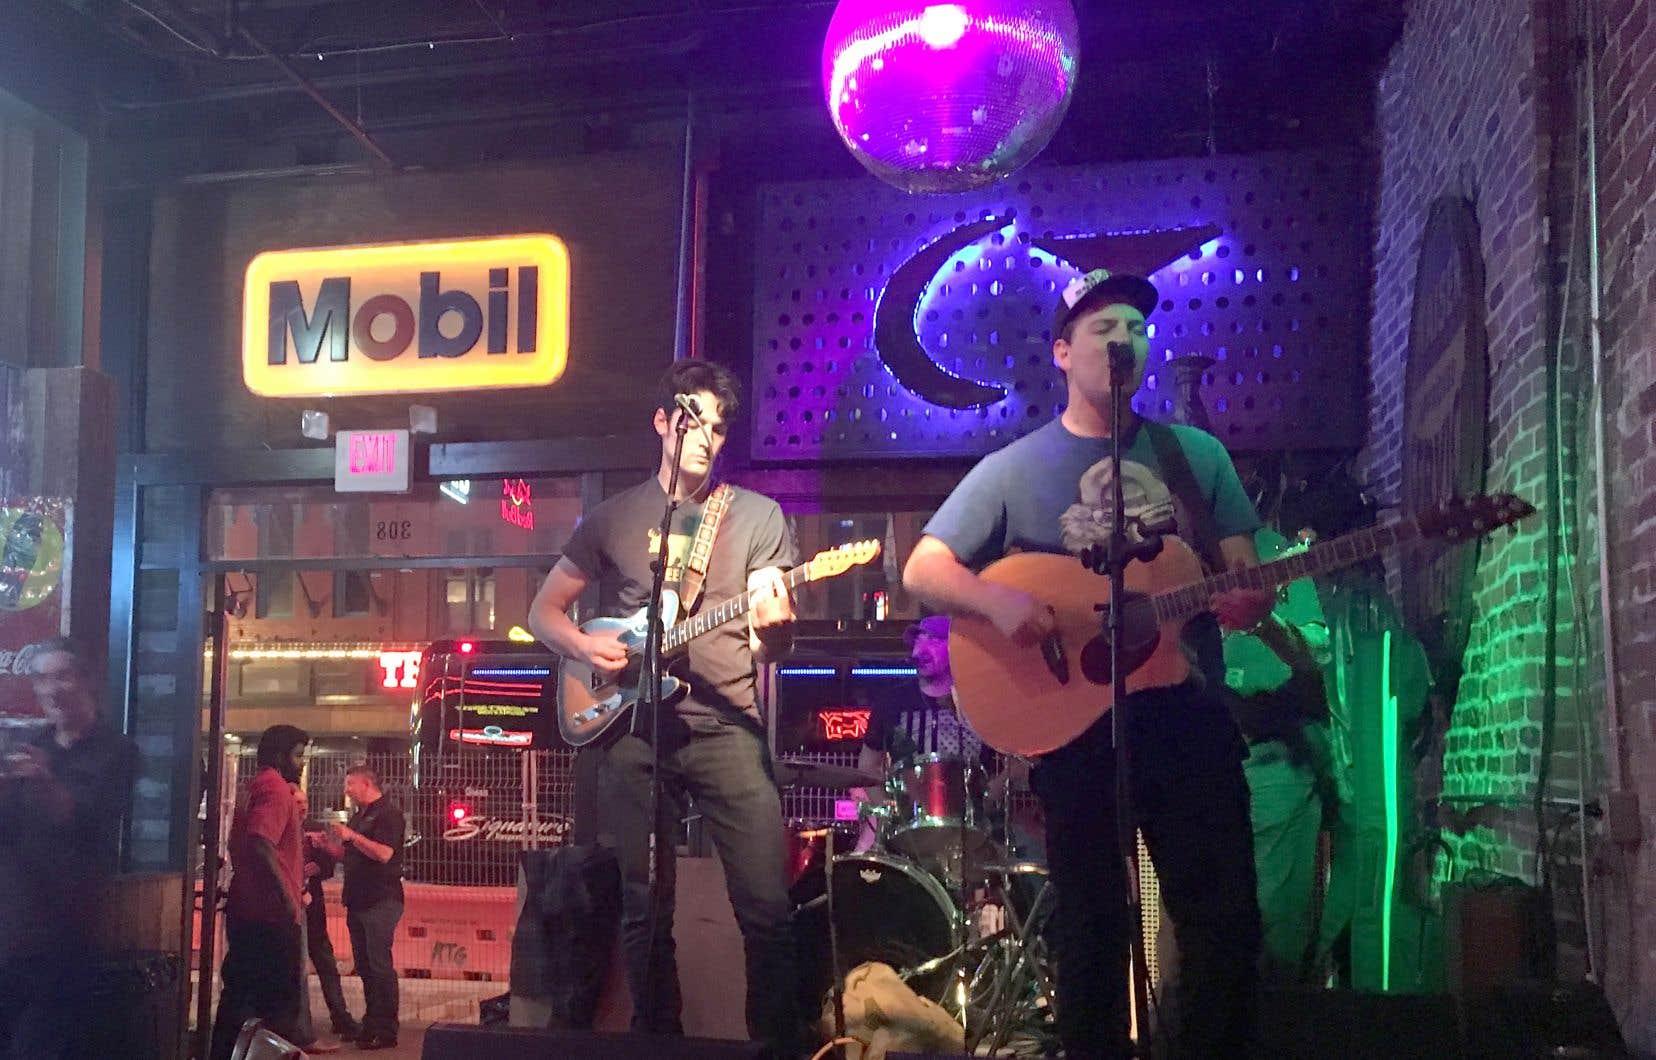 La petite scène sur laquelle des artistes se produisent, de 10h du matin jusqu'à l'aurore, est un élément central pour de nombreux bars à Nashville.